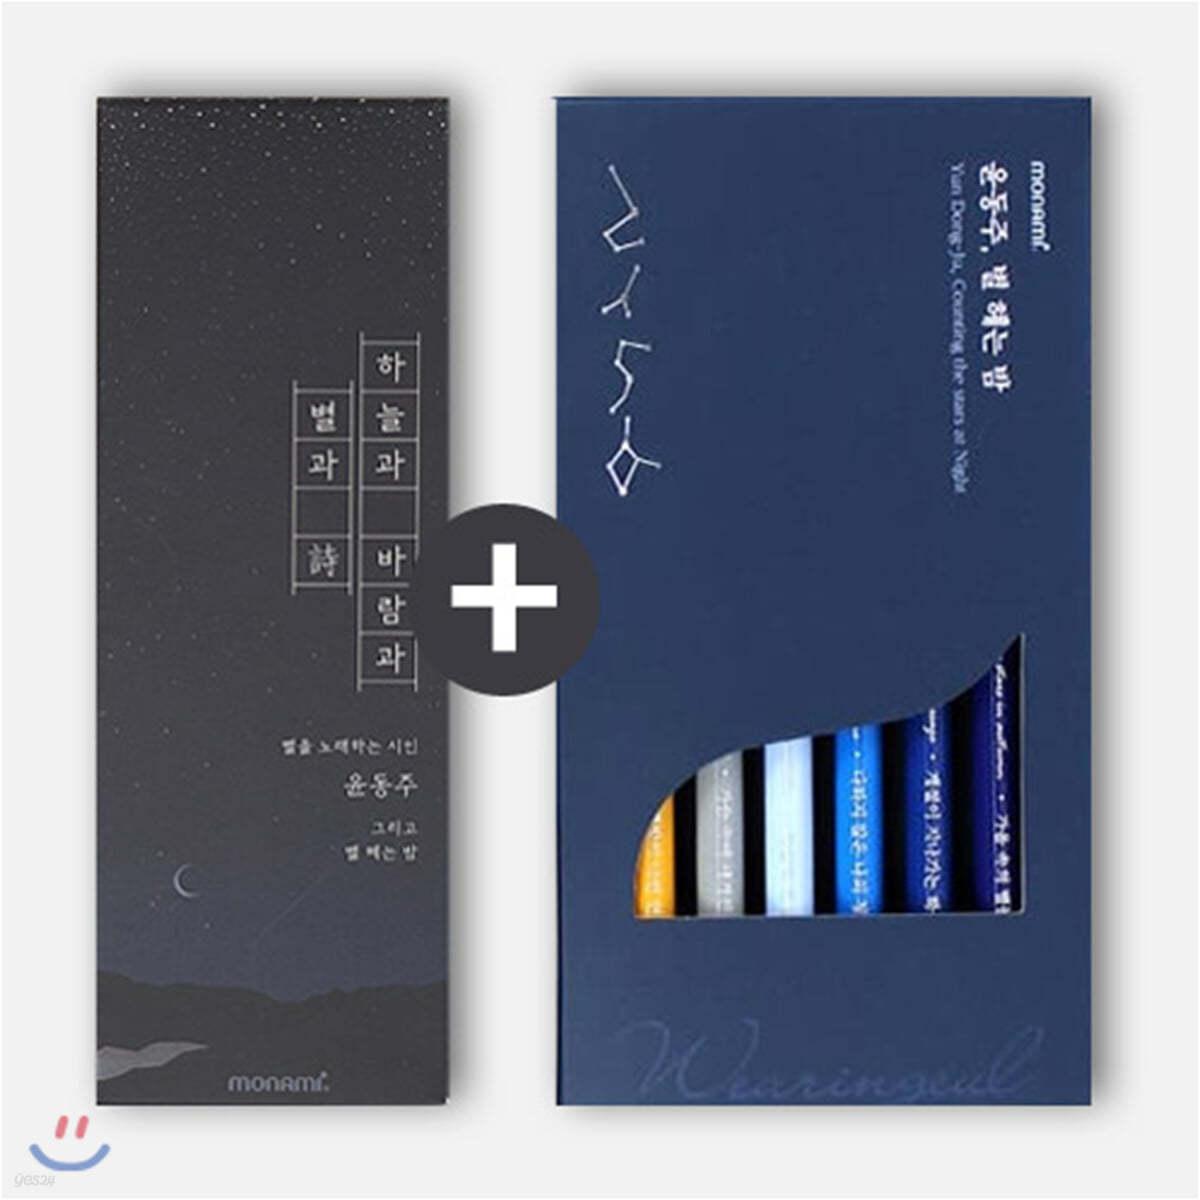 [YES24단독판매] 윤동주 별 헤는 밤 매트블랙 ver. 모나미 6P세트 + 플러스펜 세트